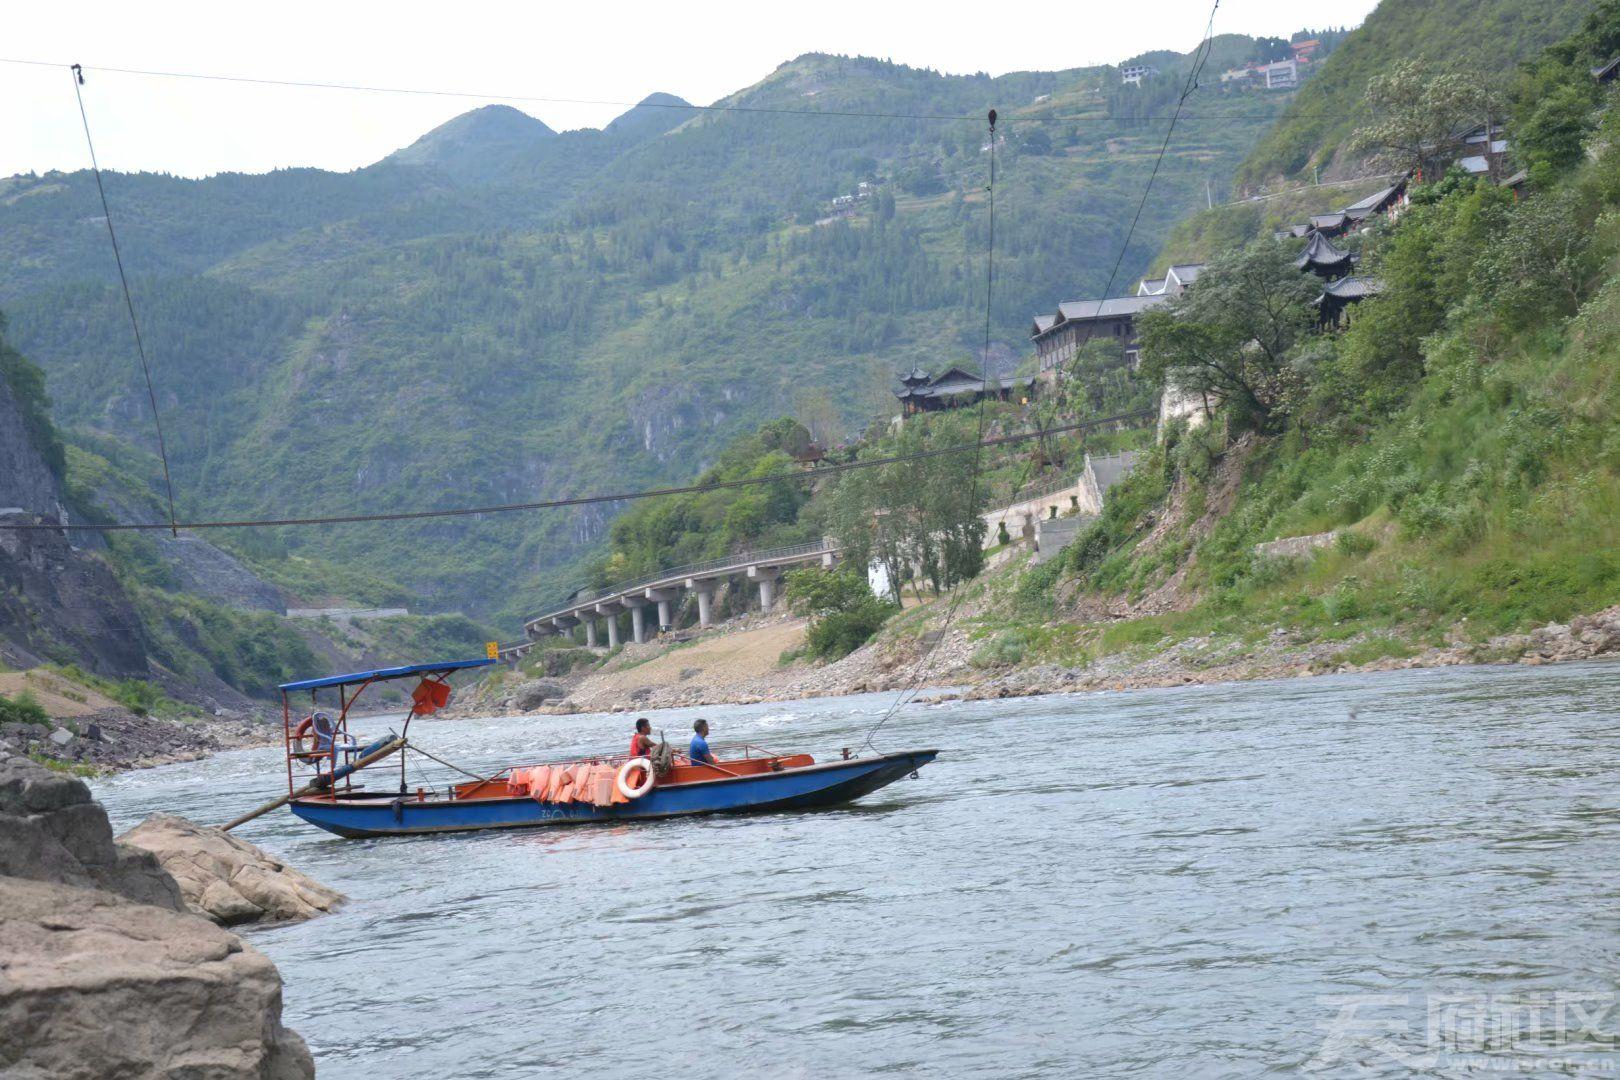 二郎滩赤水河上最后的客渡船工psb.jpg